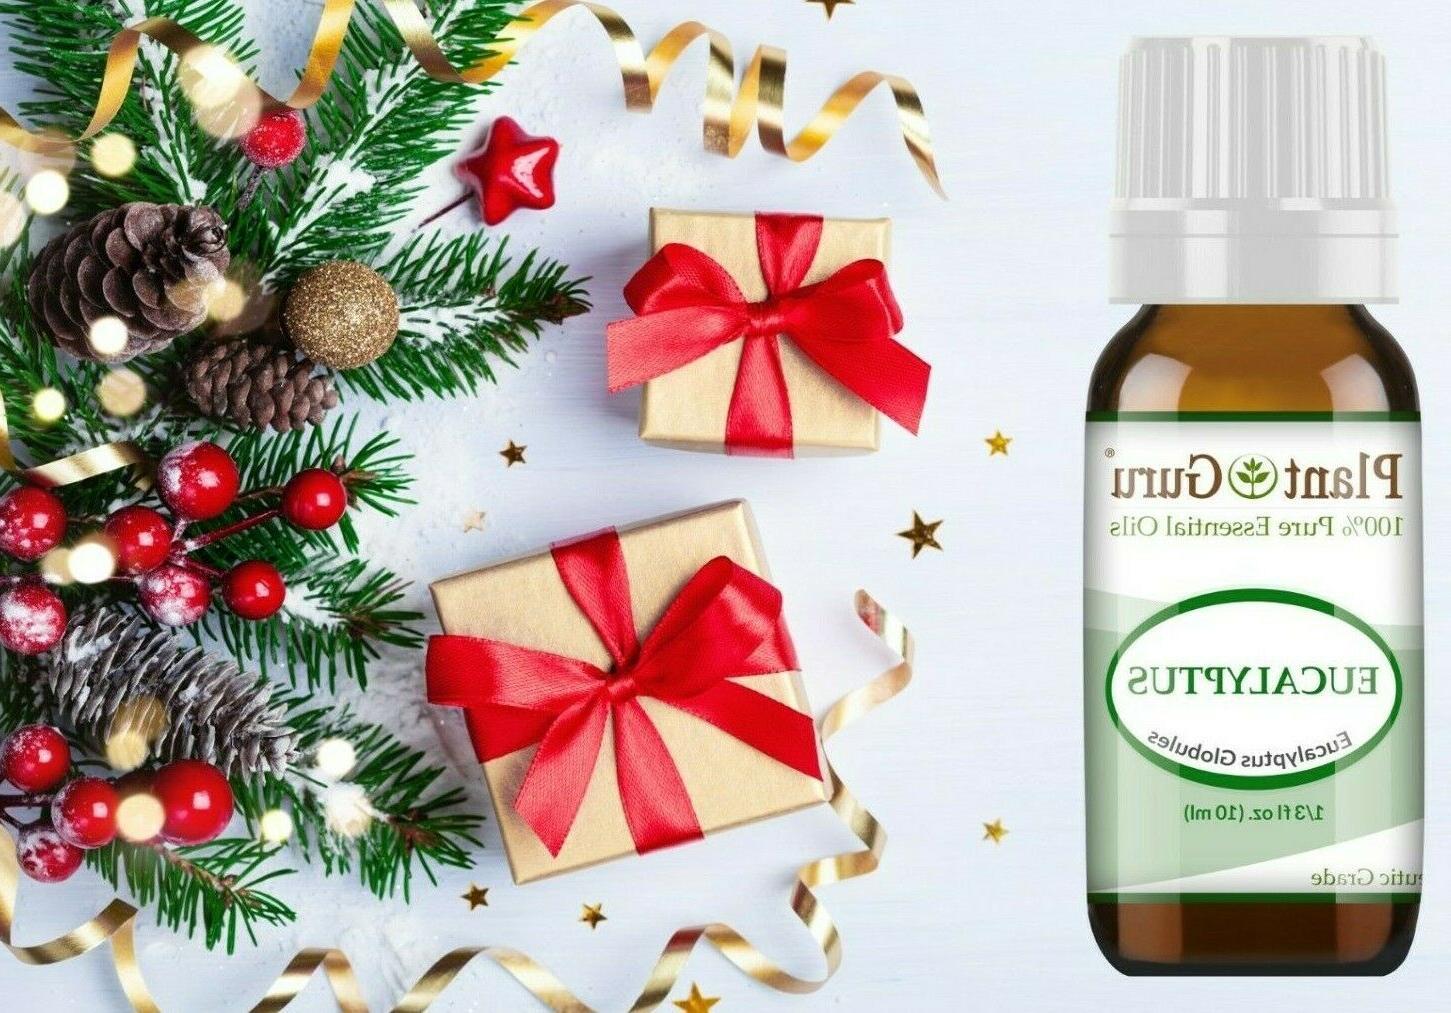 Christmas Holiday Oil Fir Clove